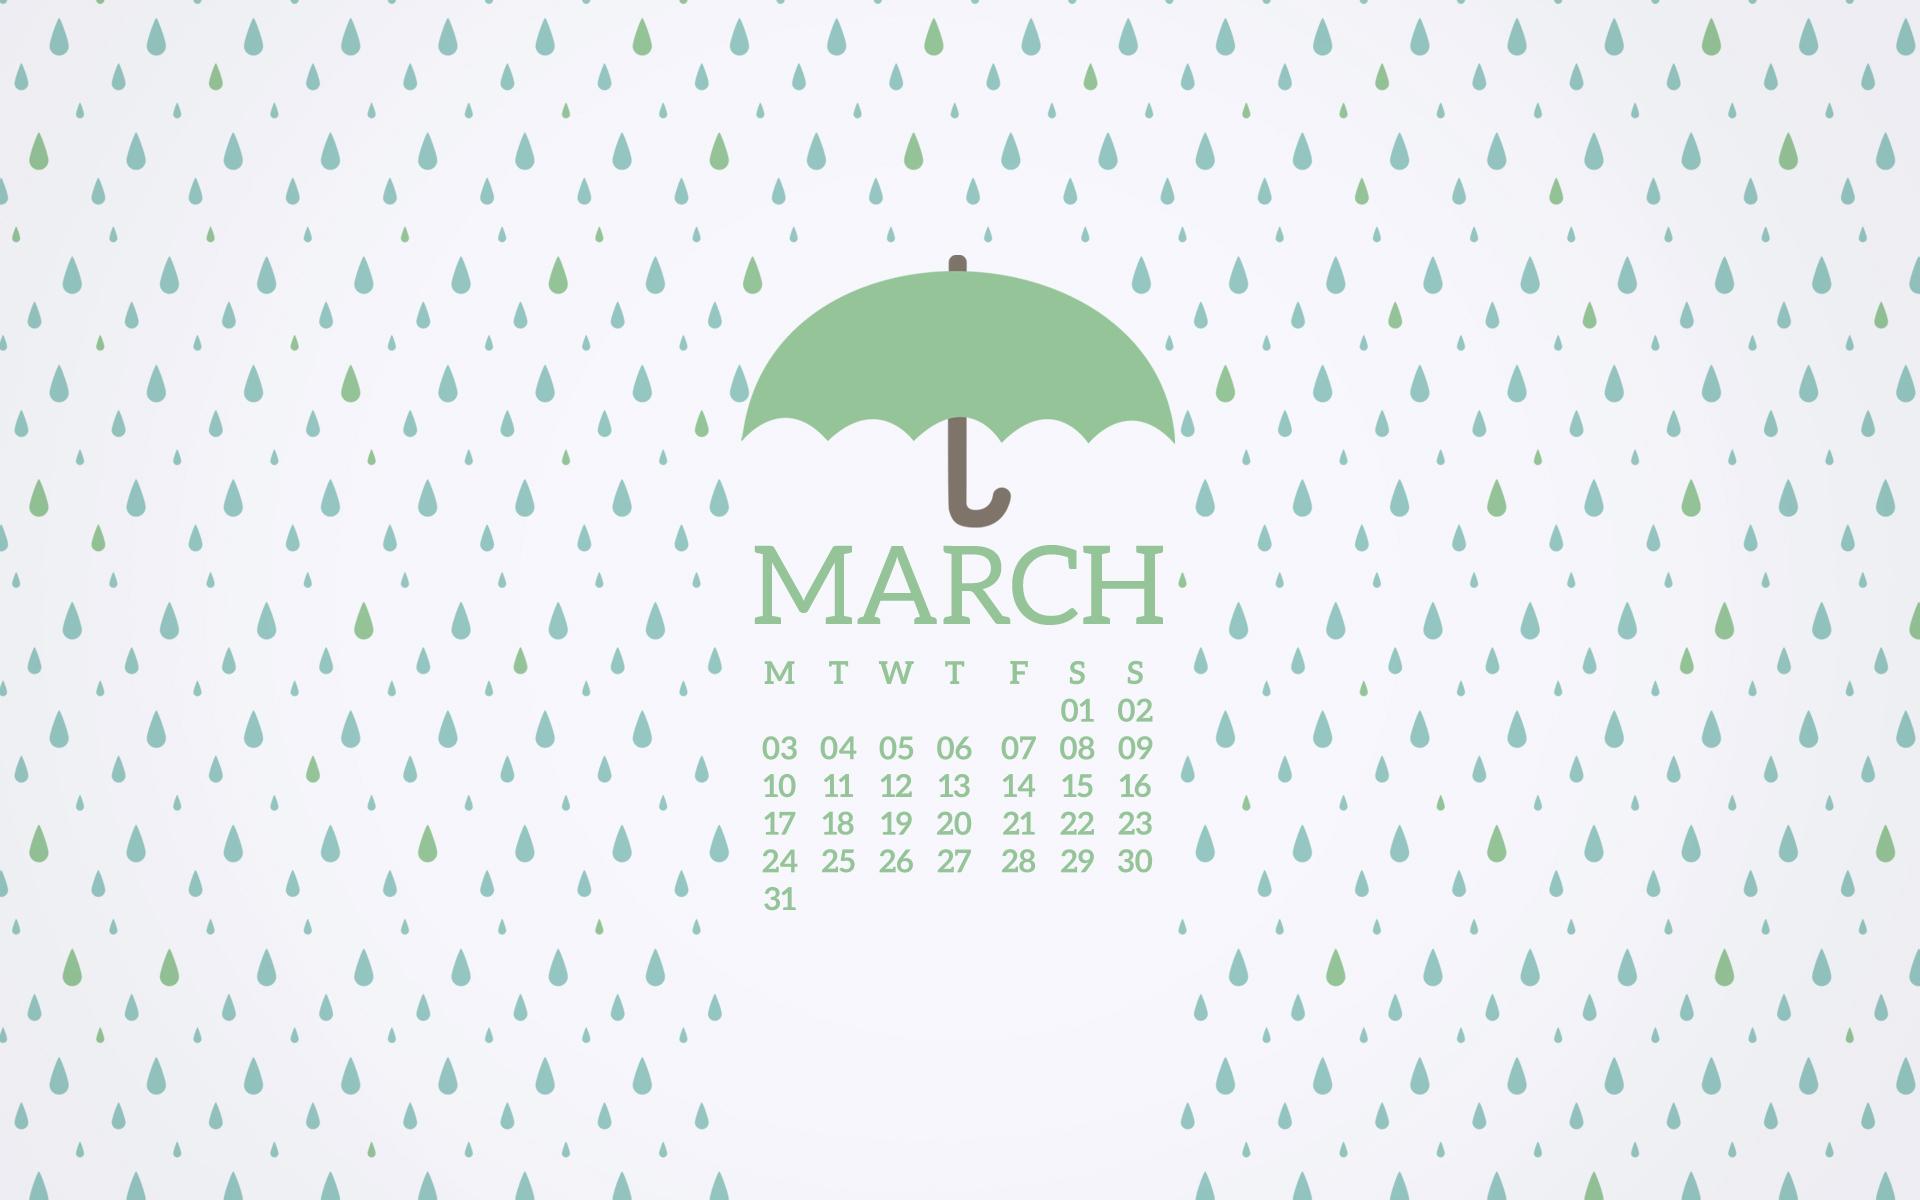 Desktop Calendar March 2017